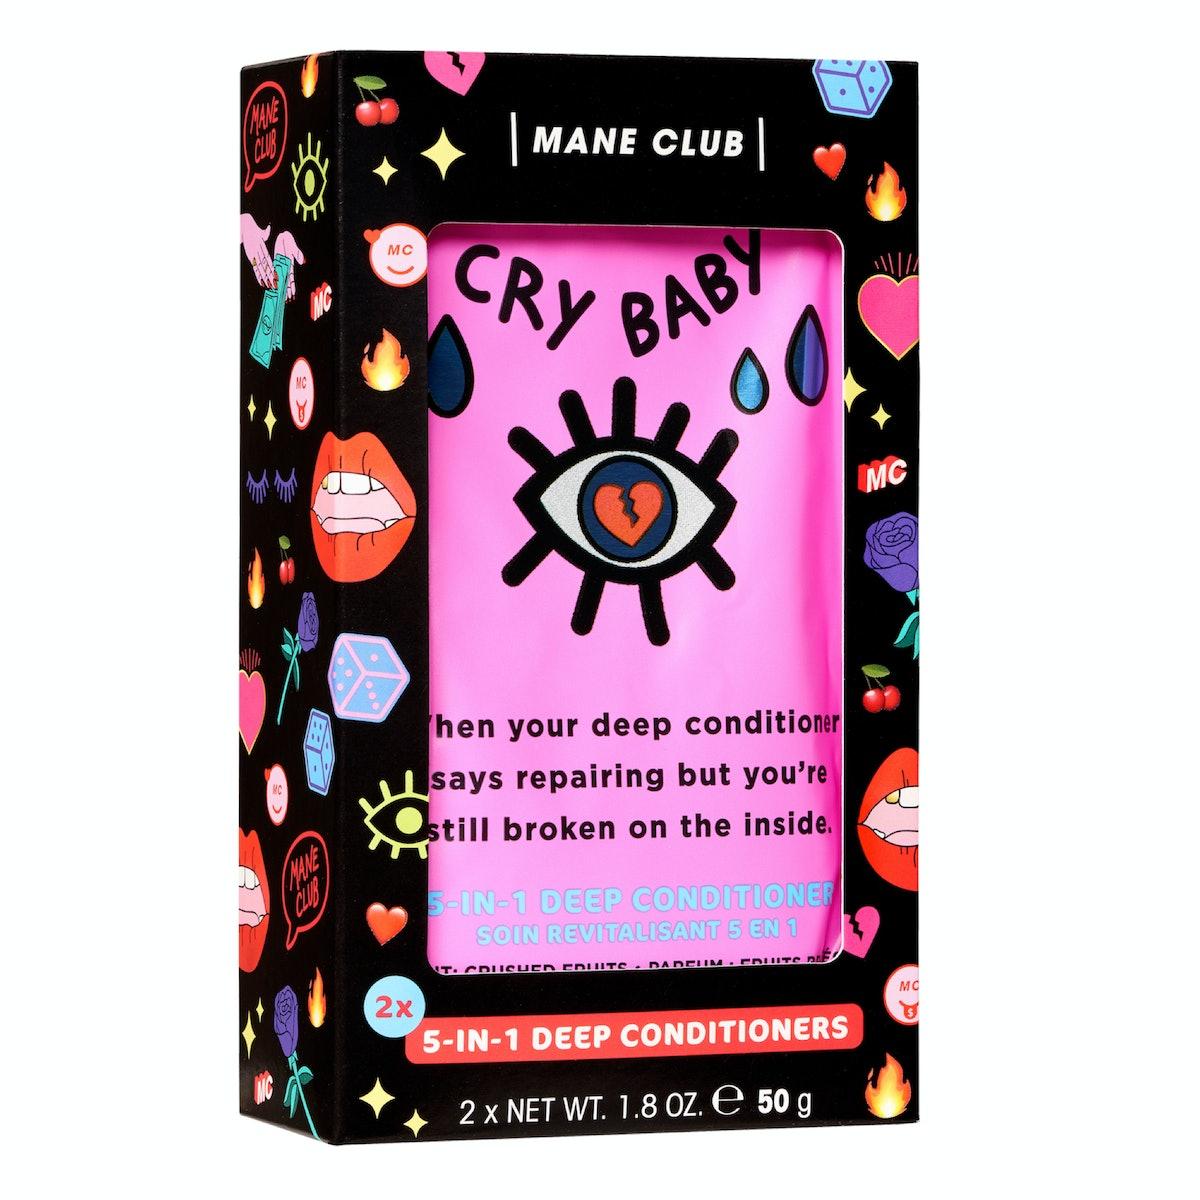 Mane Club Gift Box